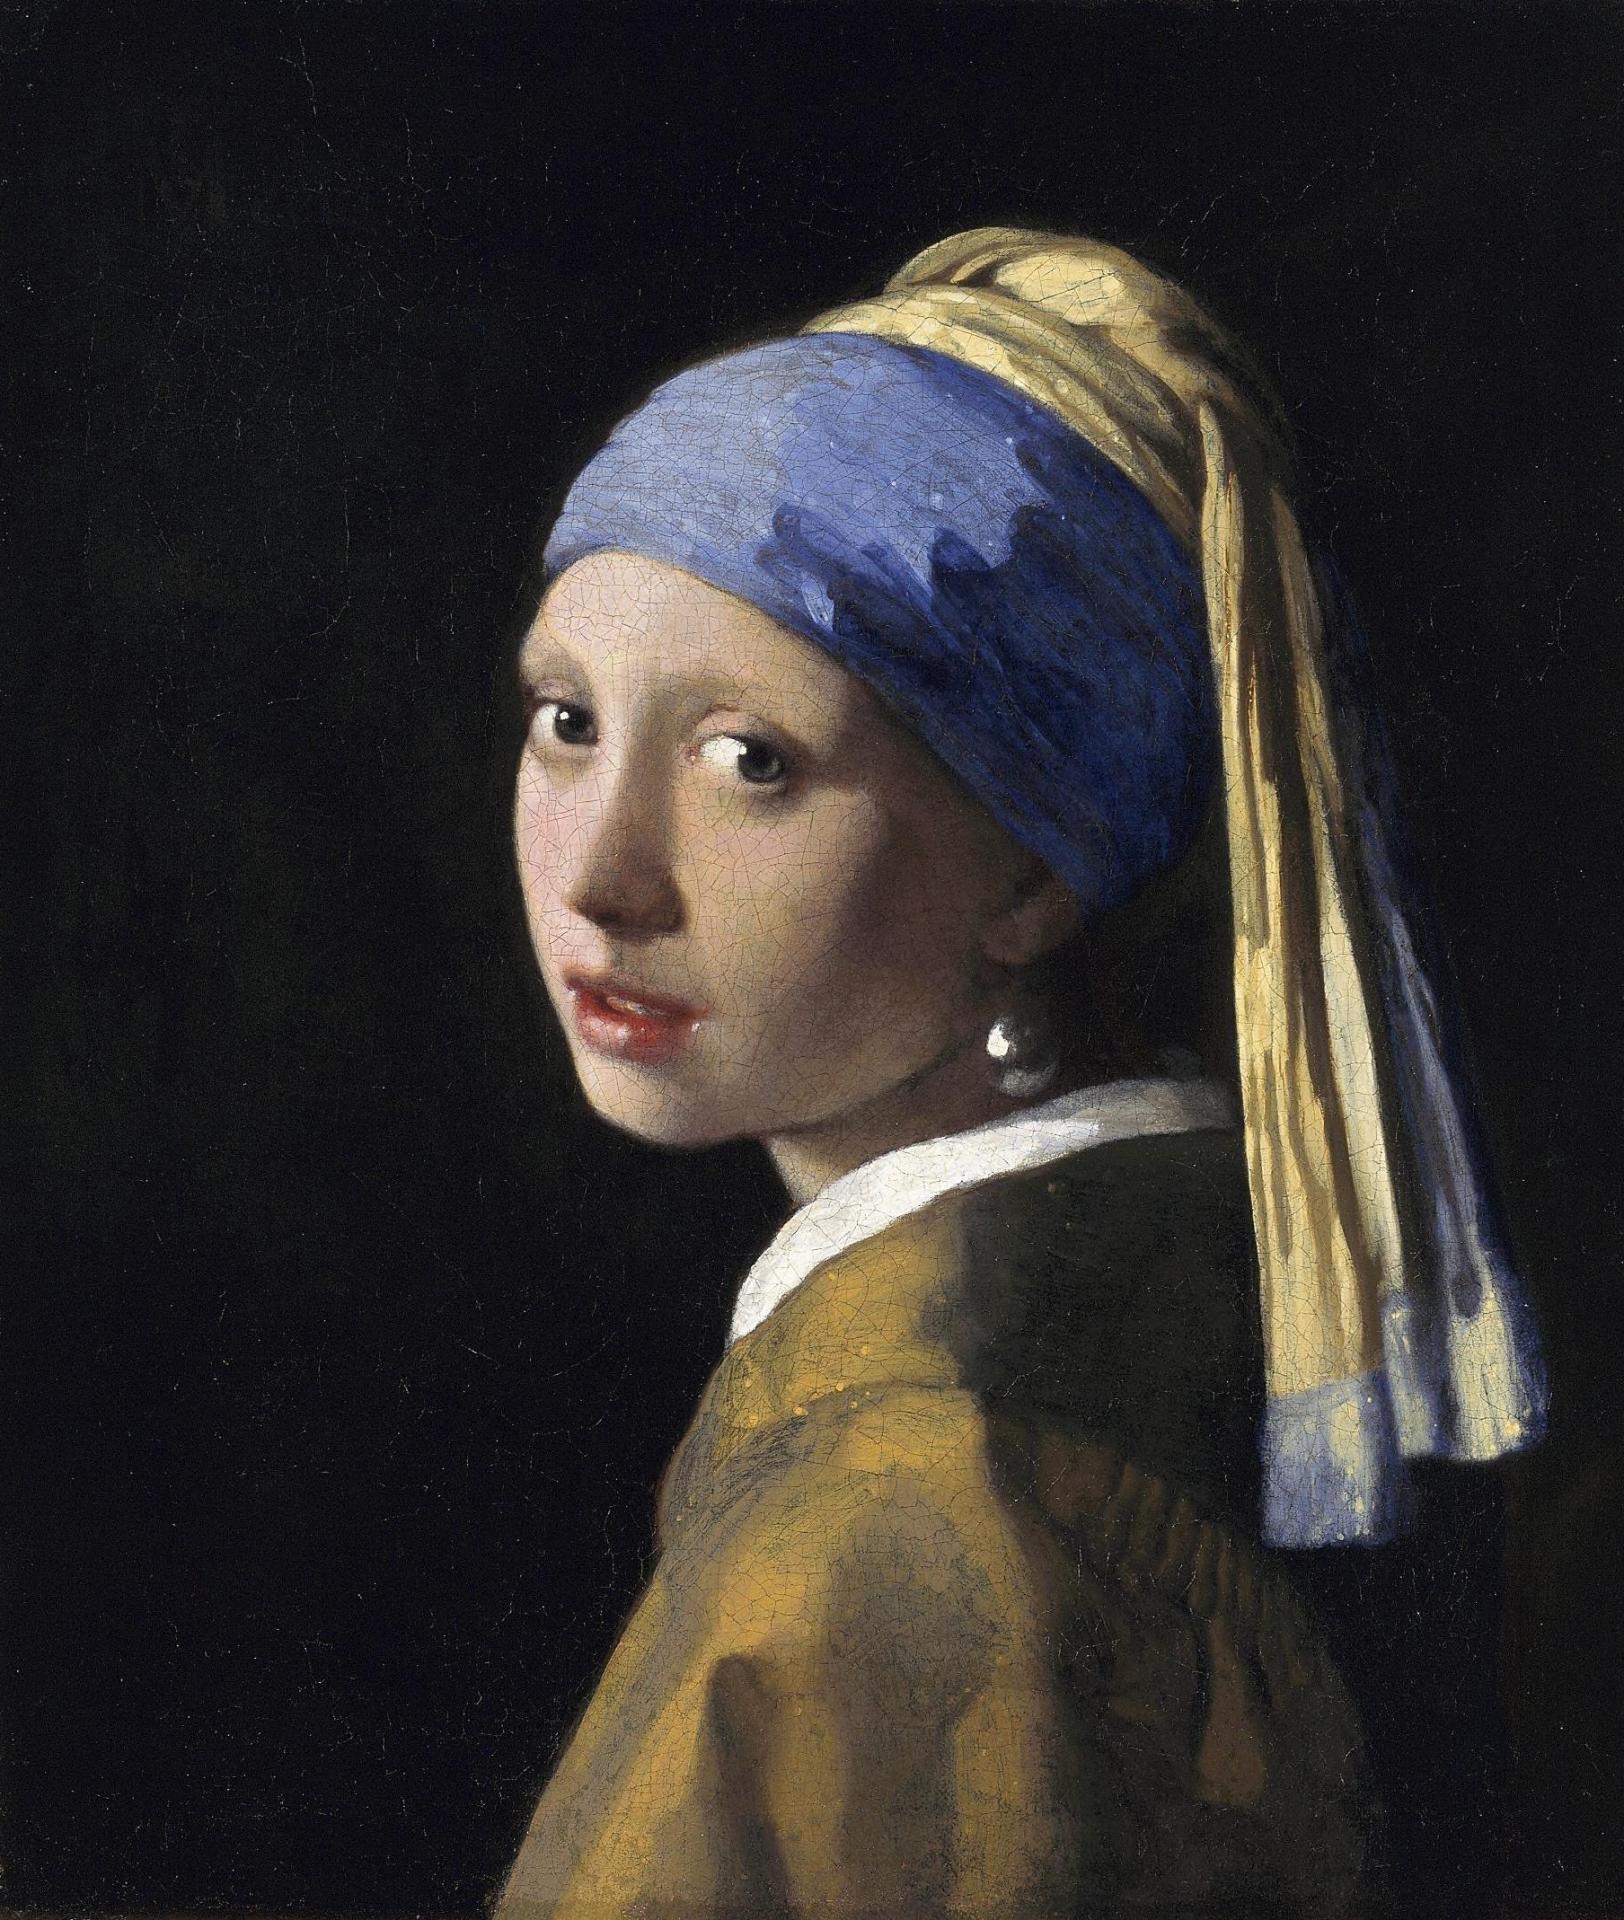 La joven de perla, Johannes Vermeer, 1665-1667. Museo Mauritshuis, La Haya